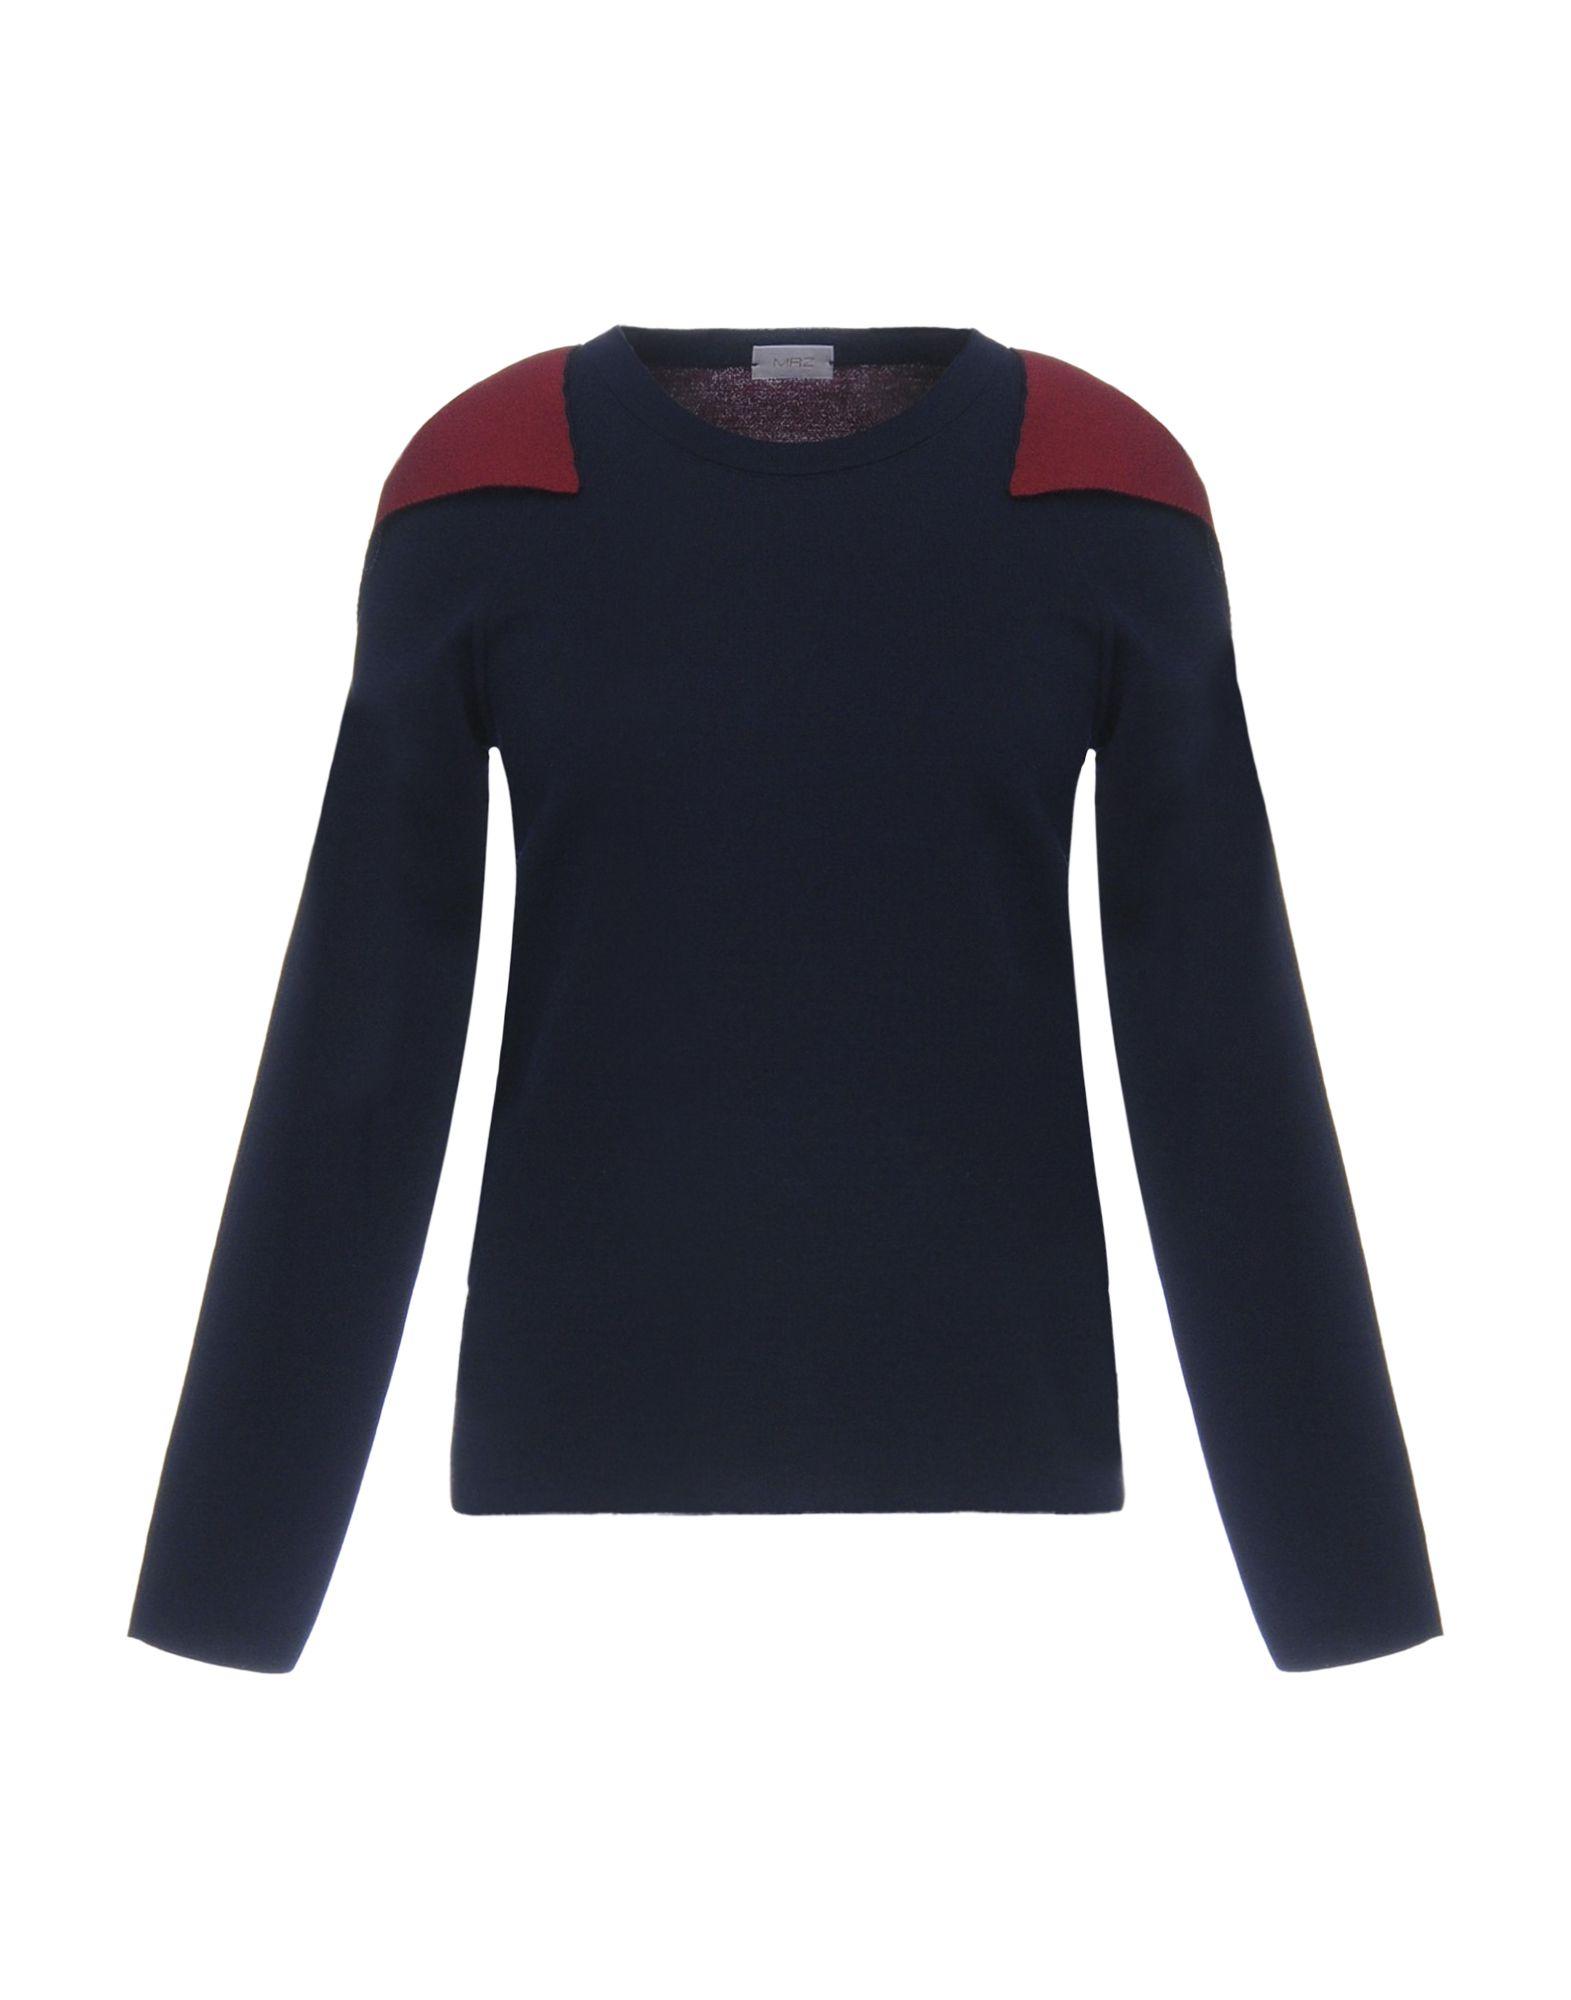 Pullover Mrz Donna - Acquista online su JaNhaBq